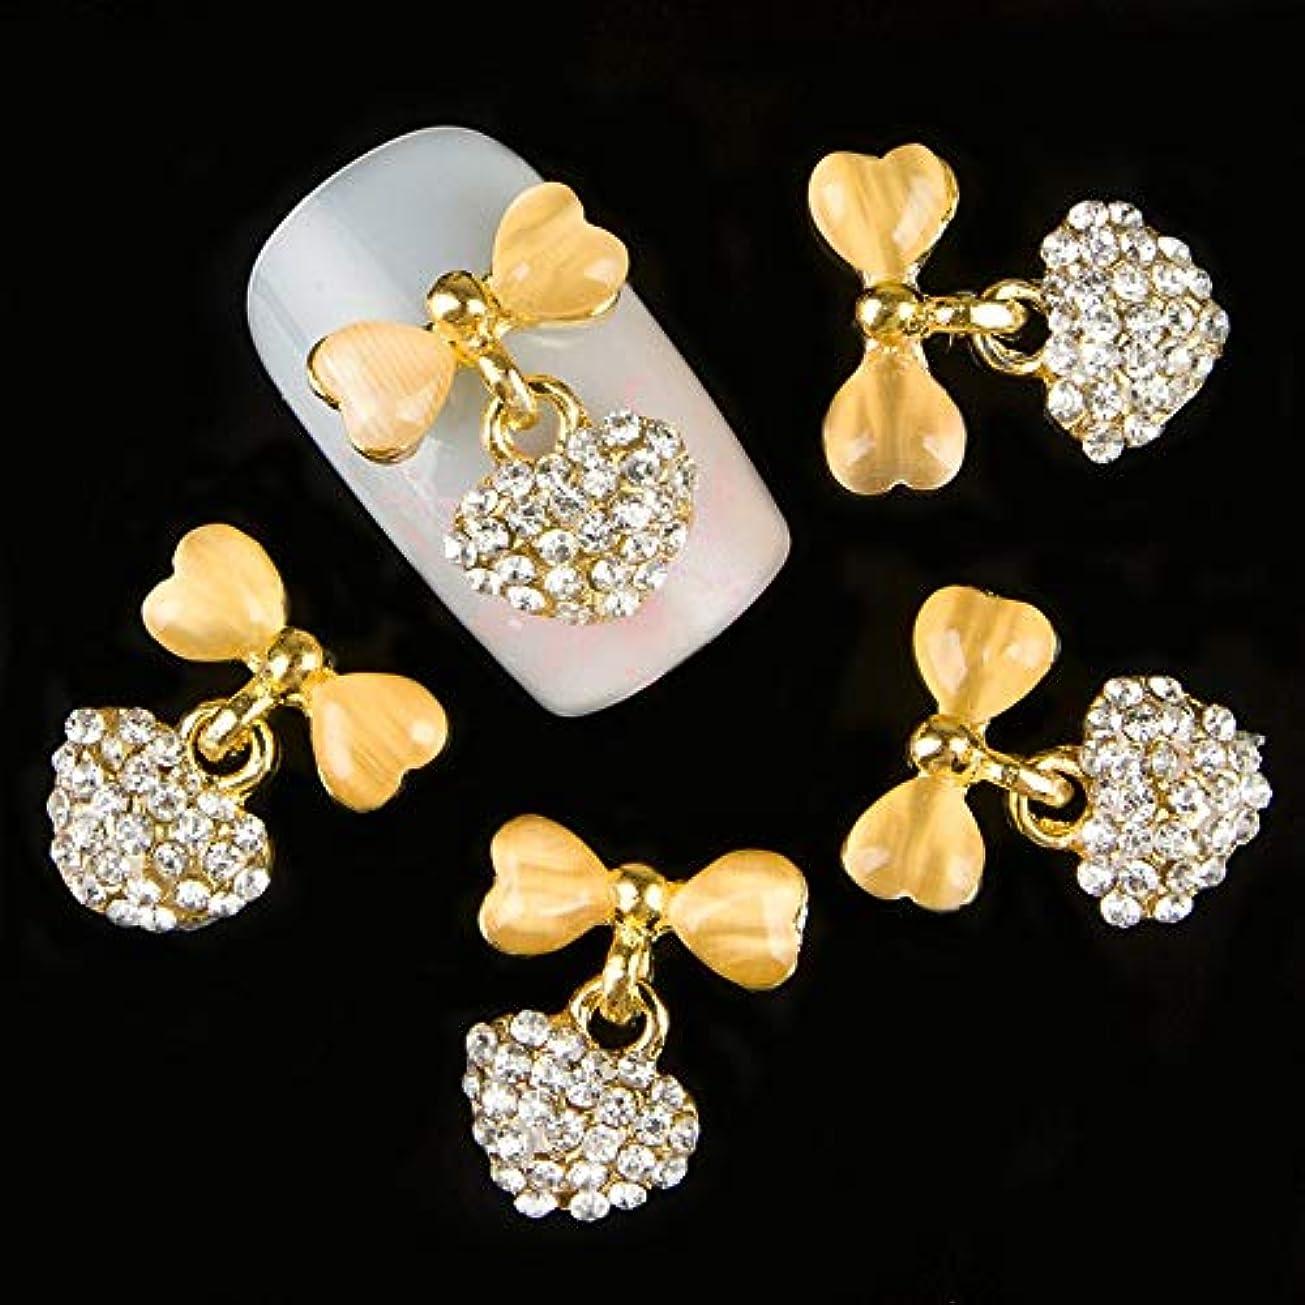 関連付ける塩辛い反響する10個入りの3D金の弓のきらめき宝石装飾ネイルアートのヒントデコレーションネイルスタッズラインストーン